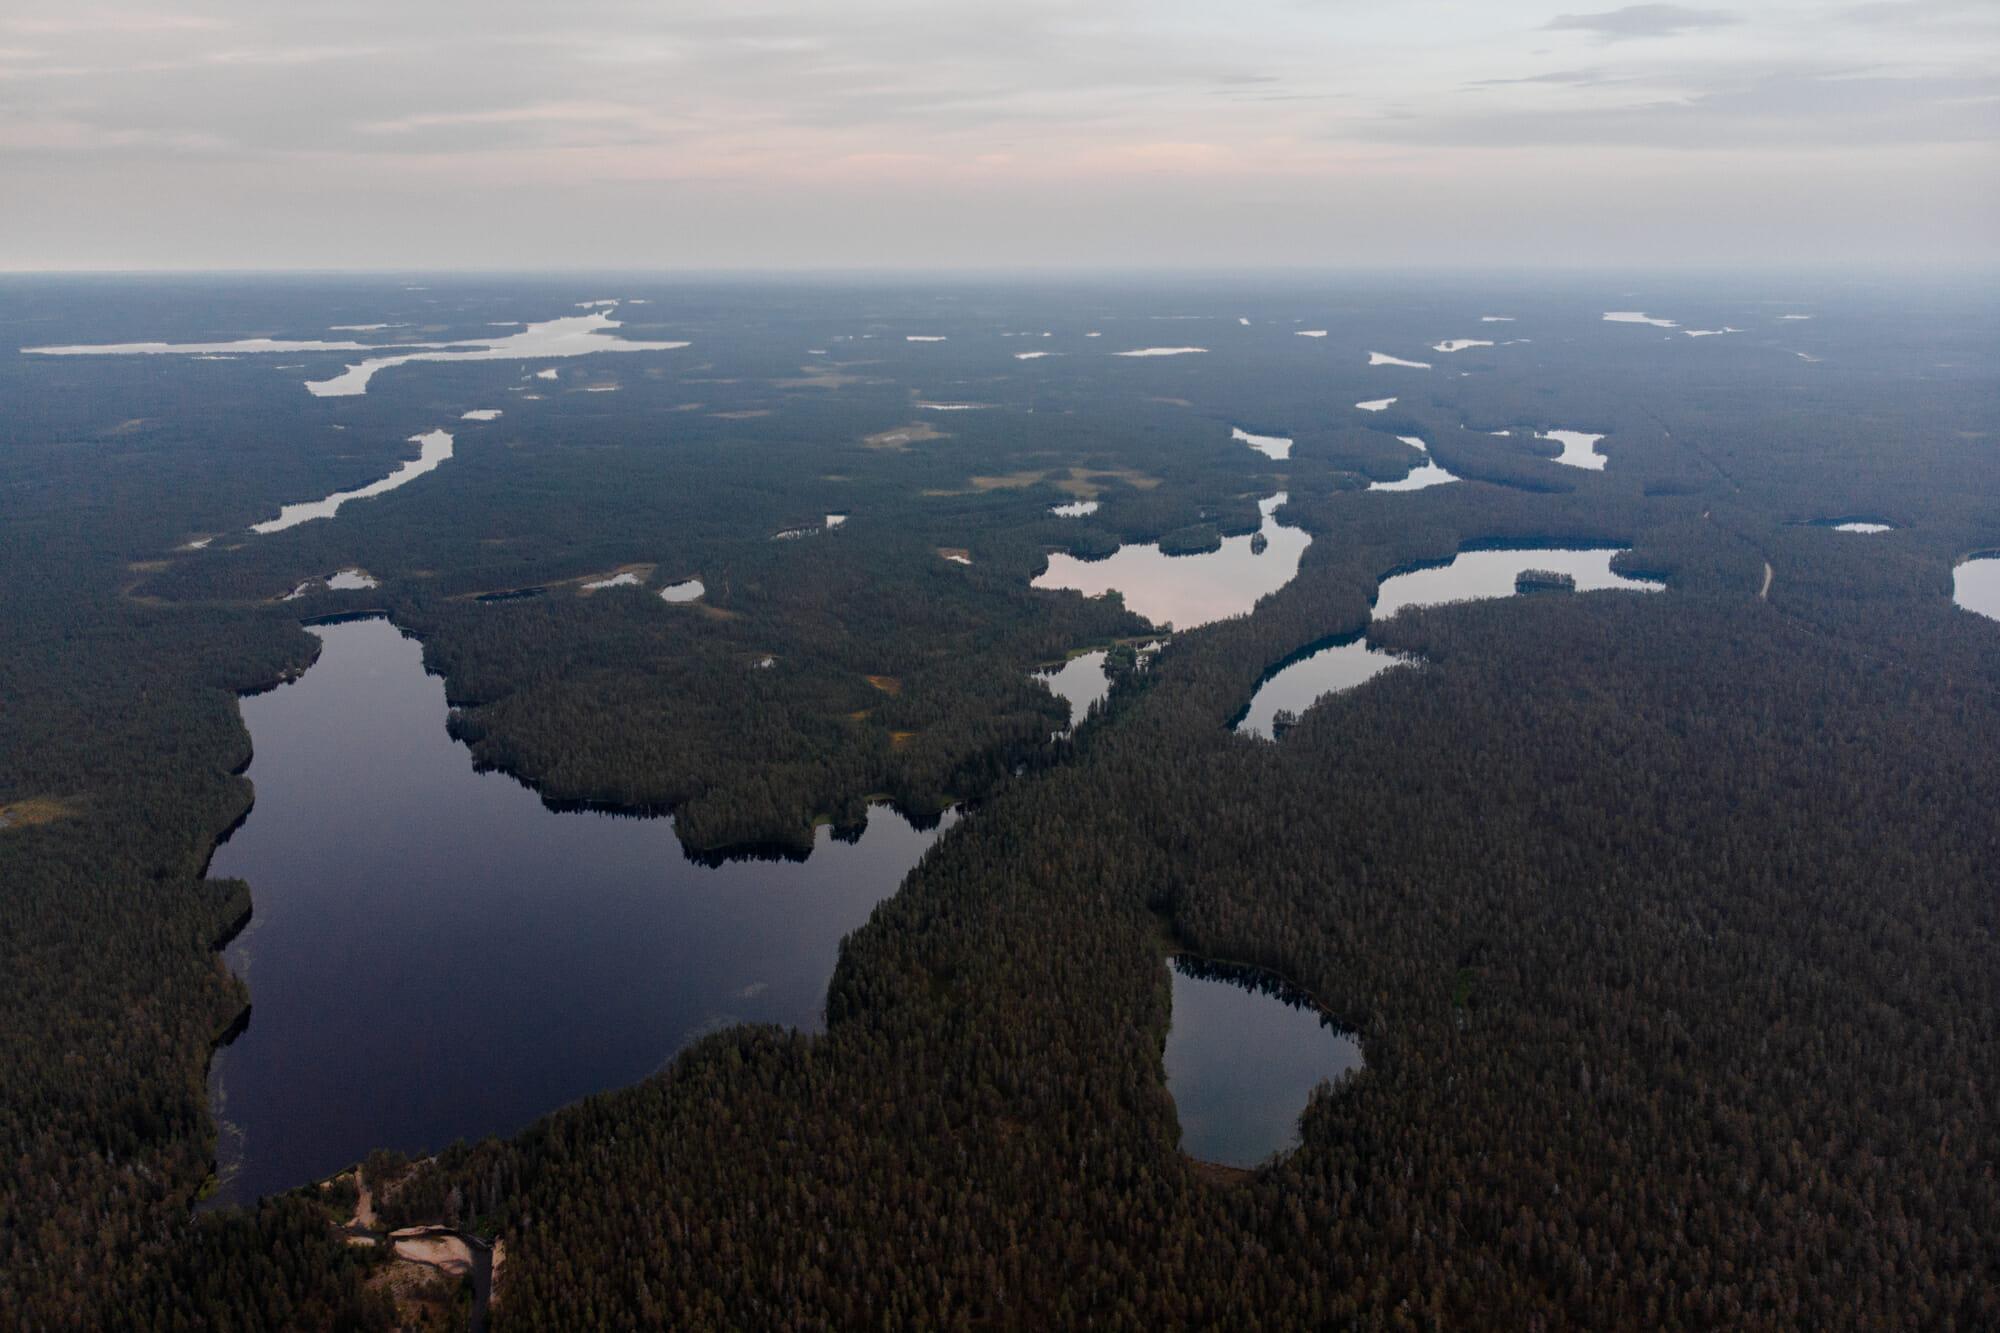 Vue sur le Parc national de Hossa en Laponie finlandaise